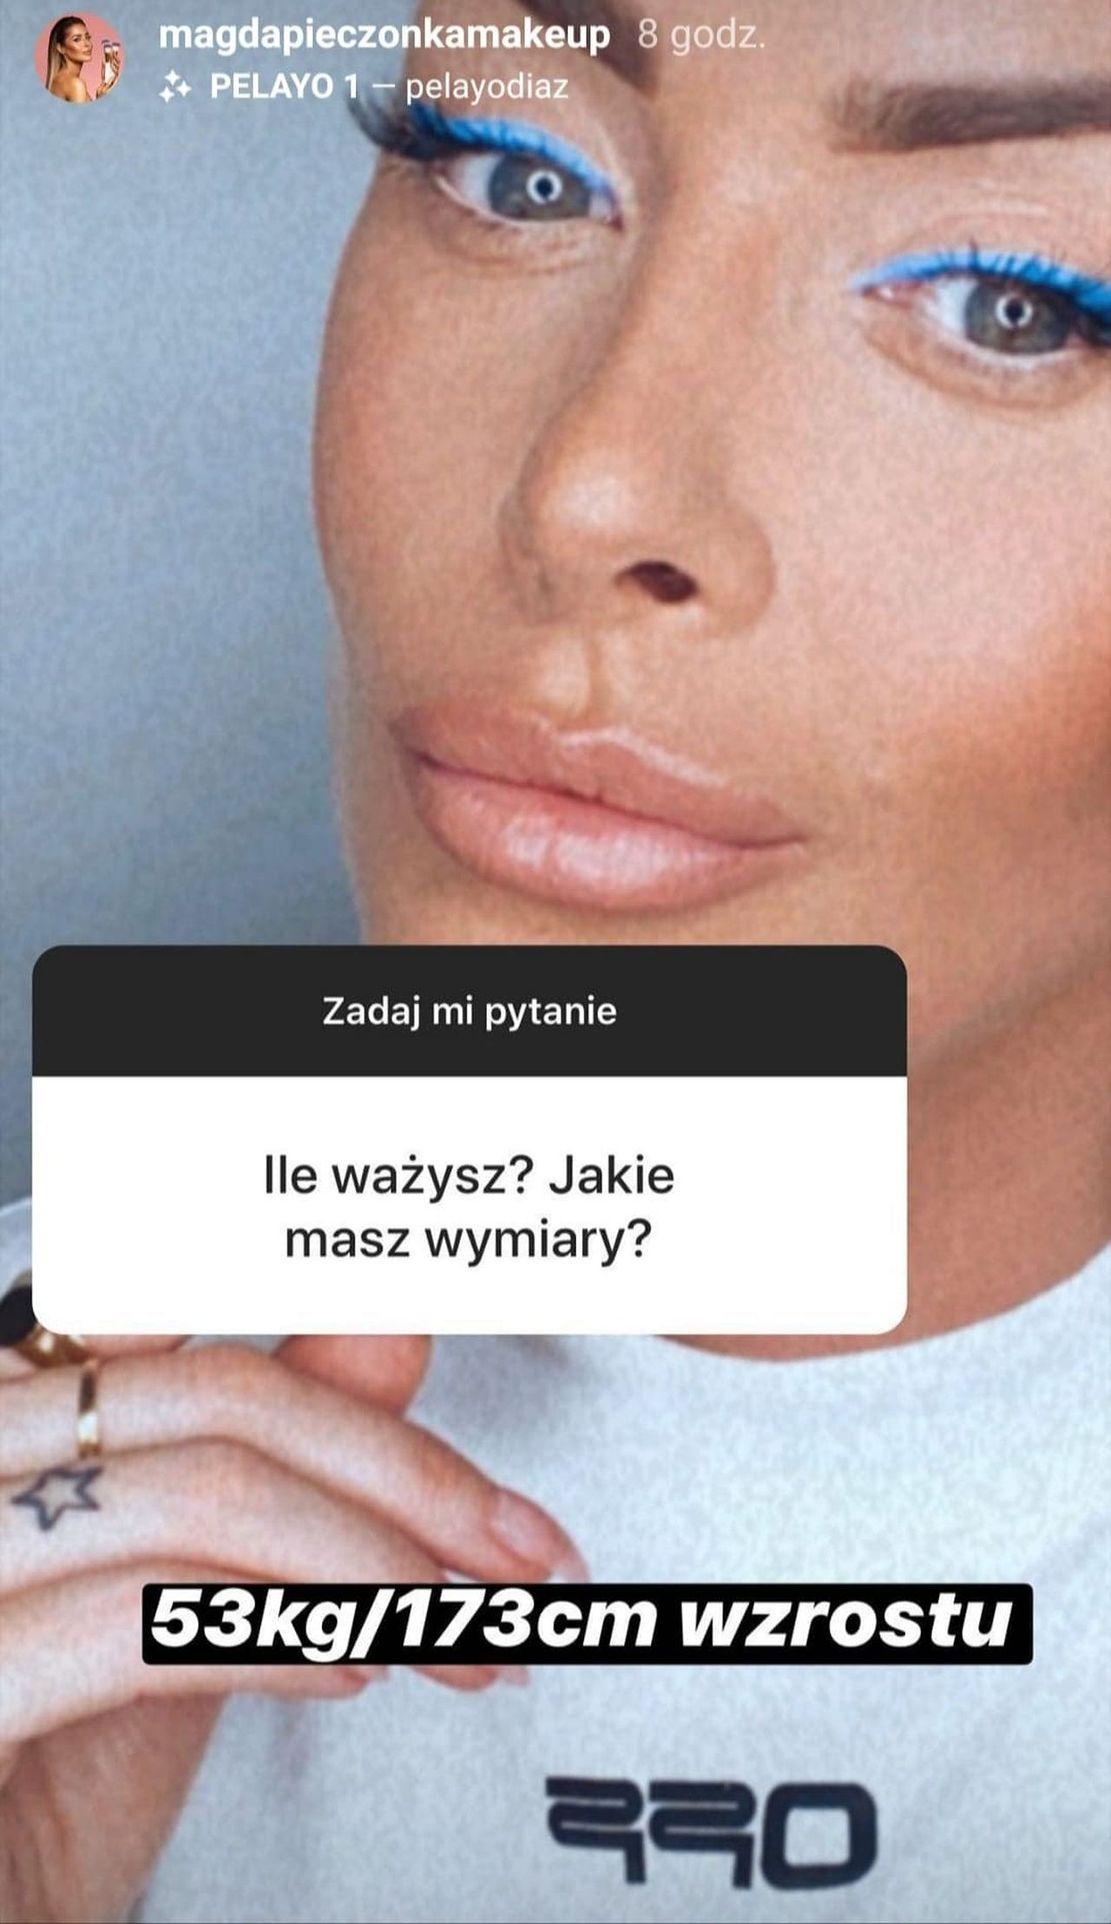 Magda Pieczonka zdradziła, ile waży